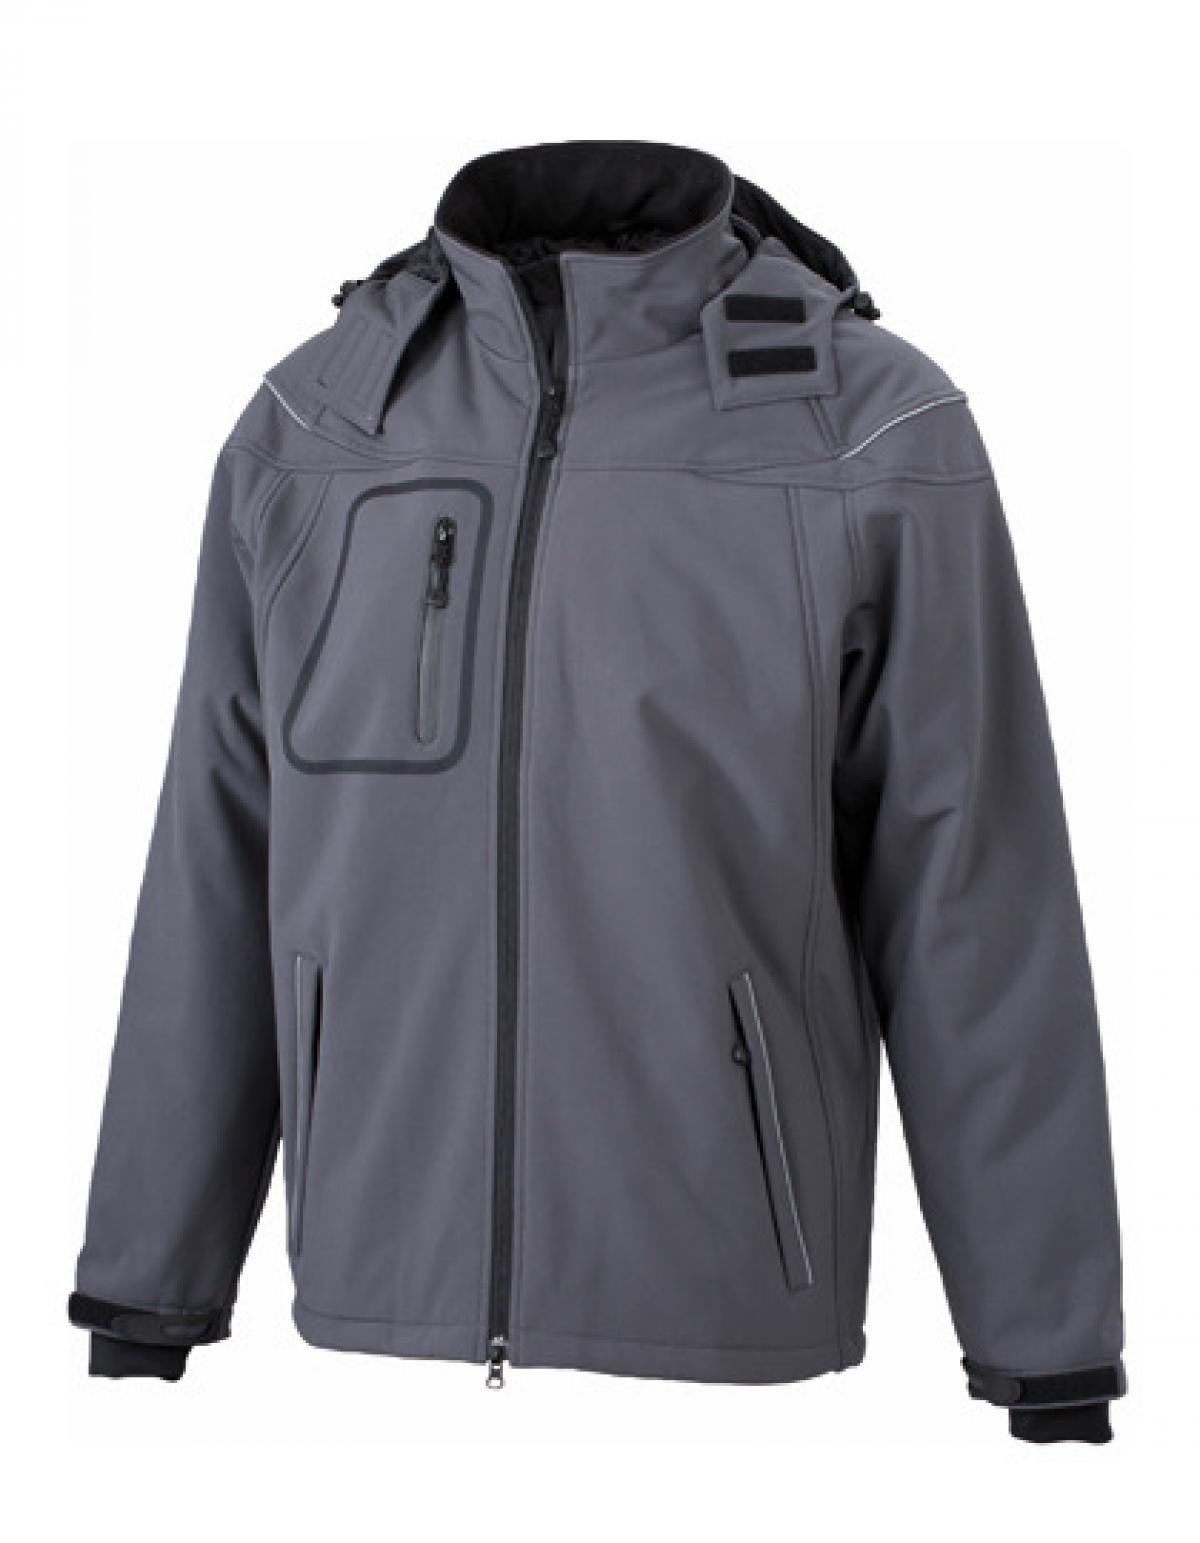 men s winter softshell jacket rexlander s. Black Bedroom Furniture Sets. Home Design Ideas